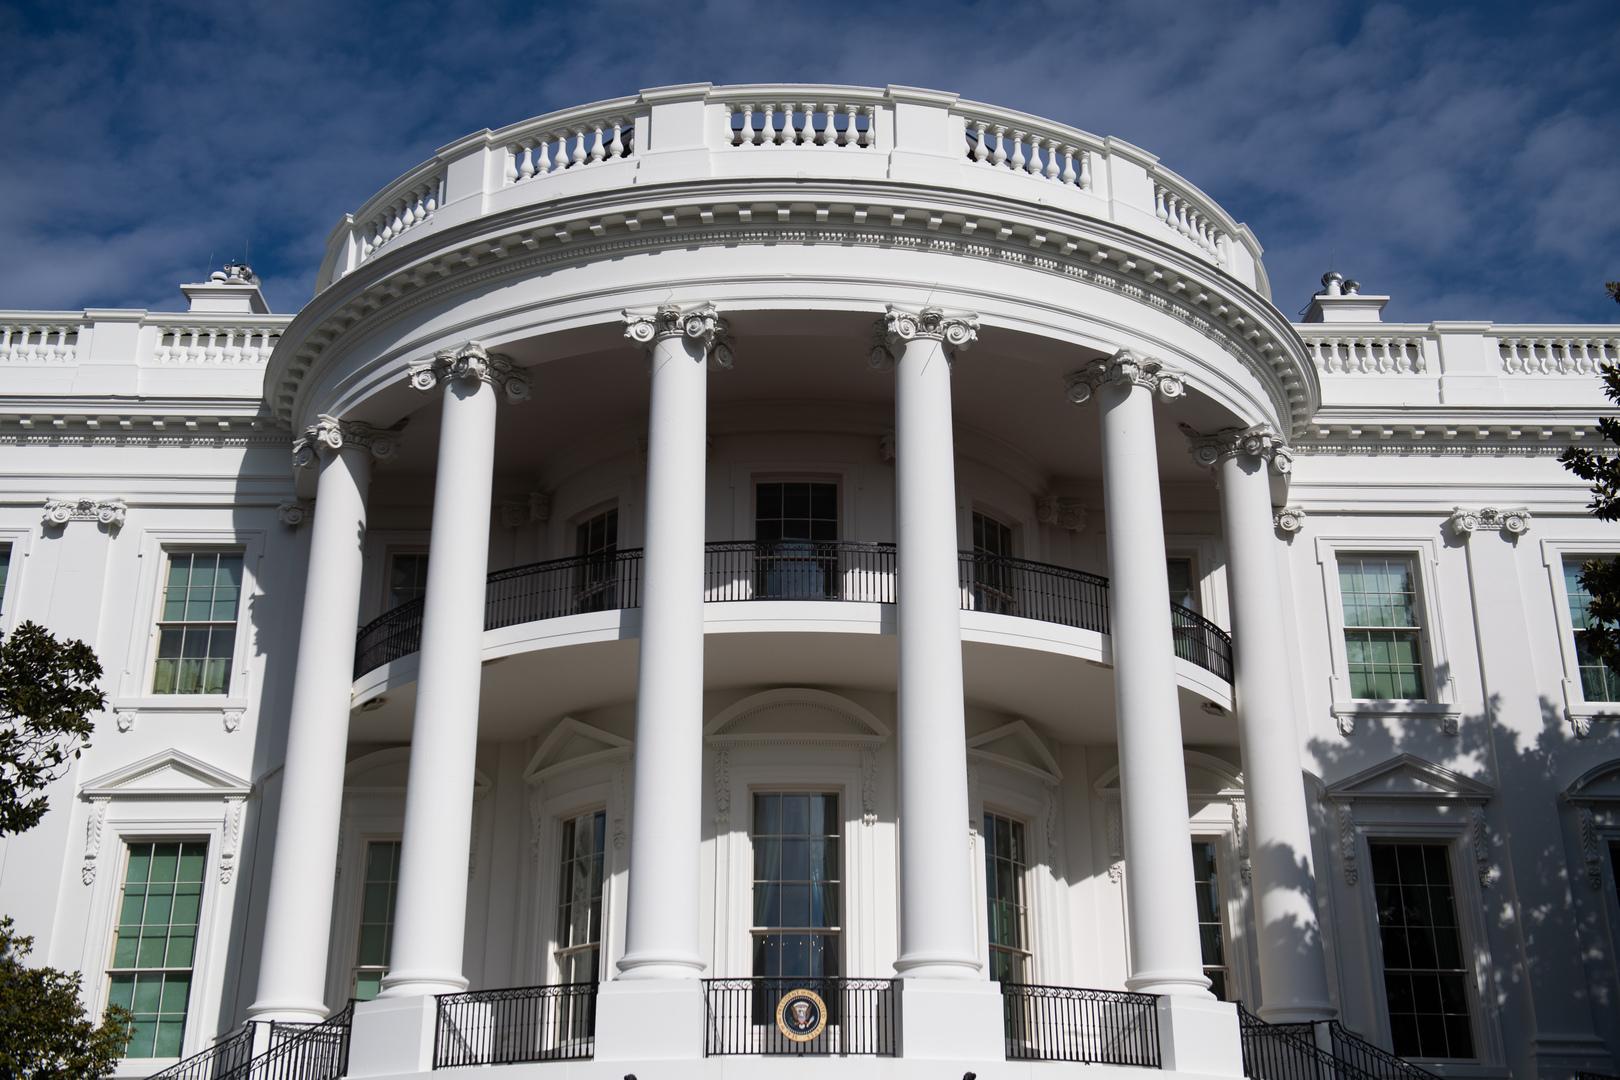 البيت الأبيض: نحن في المرحلة النهائية من مراجعة سياساتنا تجاه بيونغ يانغ